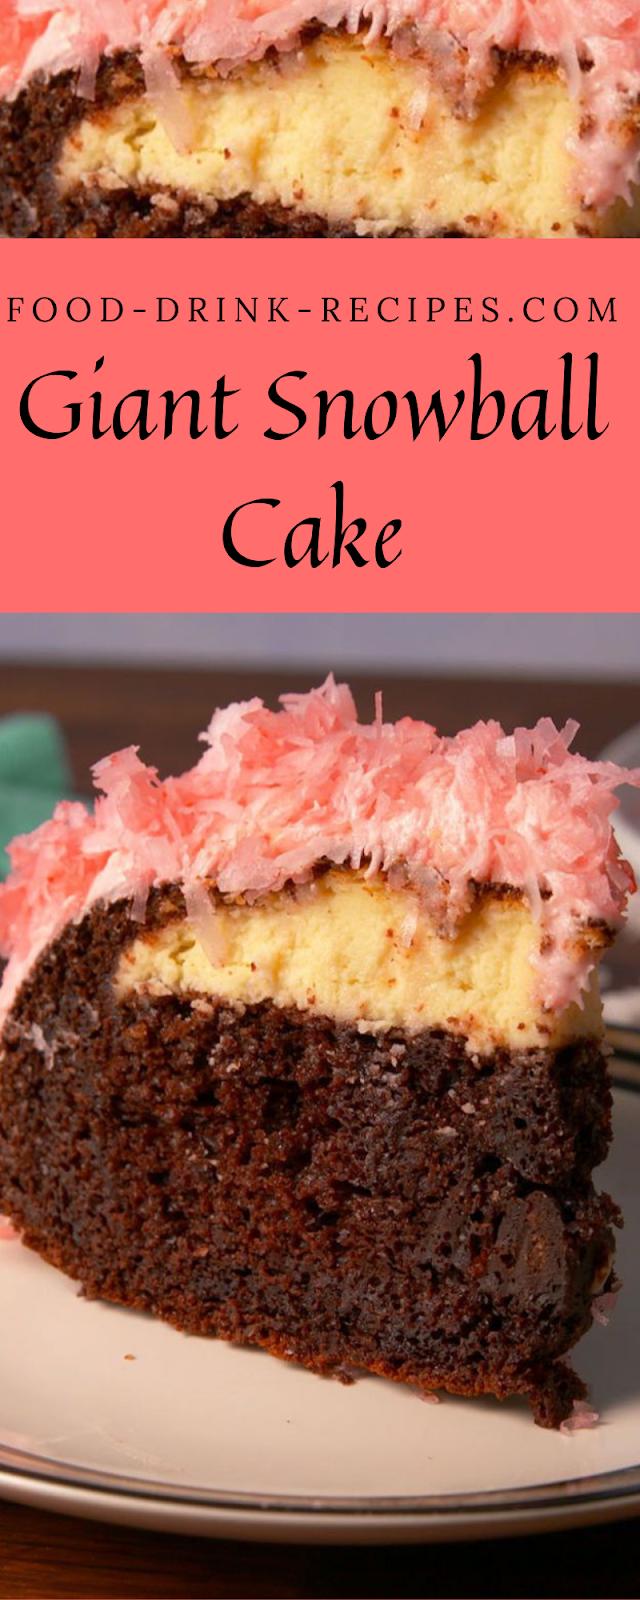 Giant Snowball Cake - food-drink-recipes.com